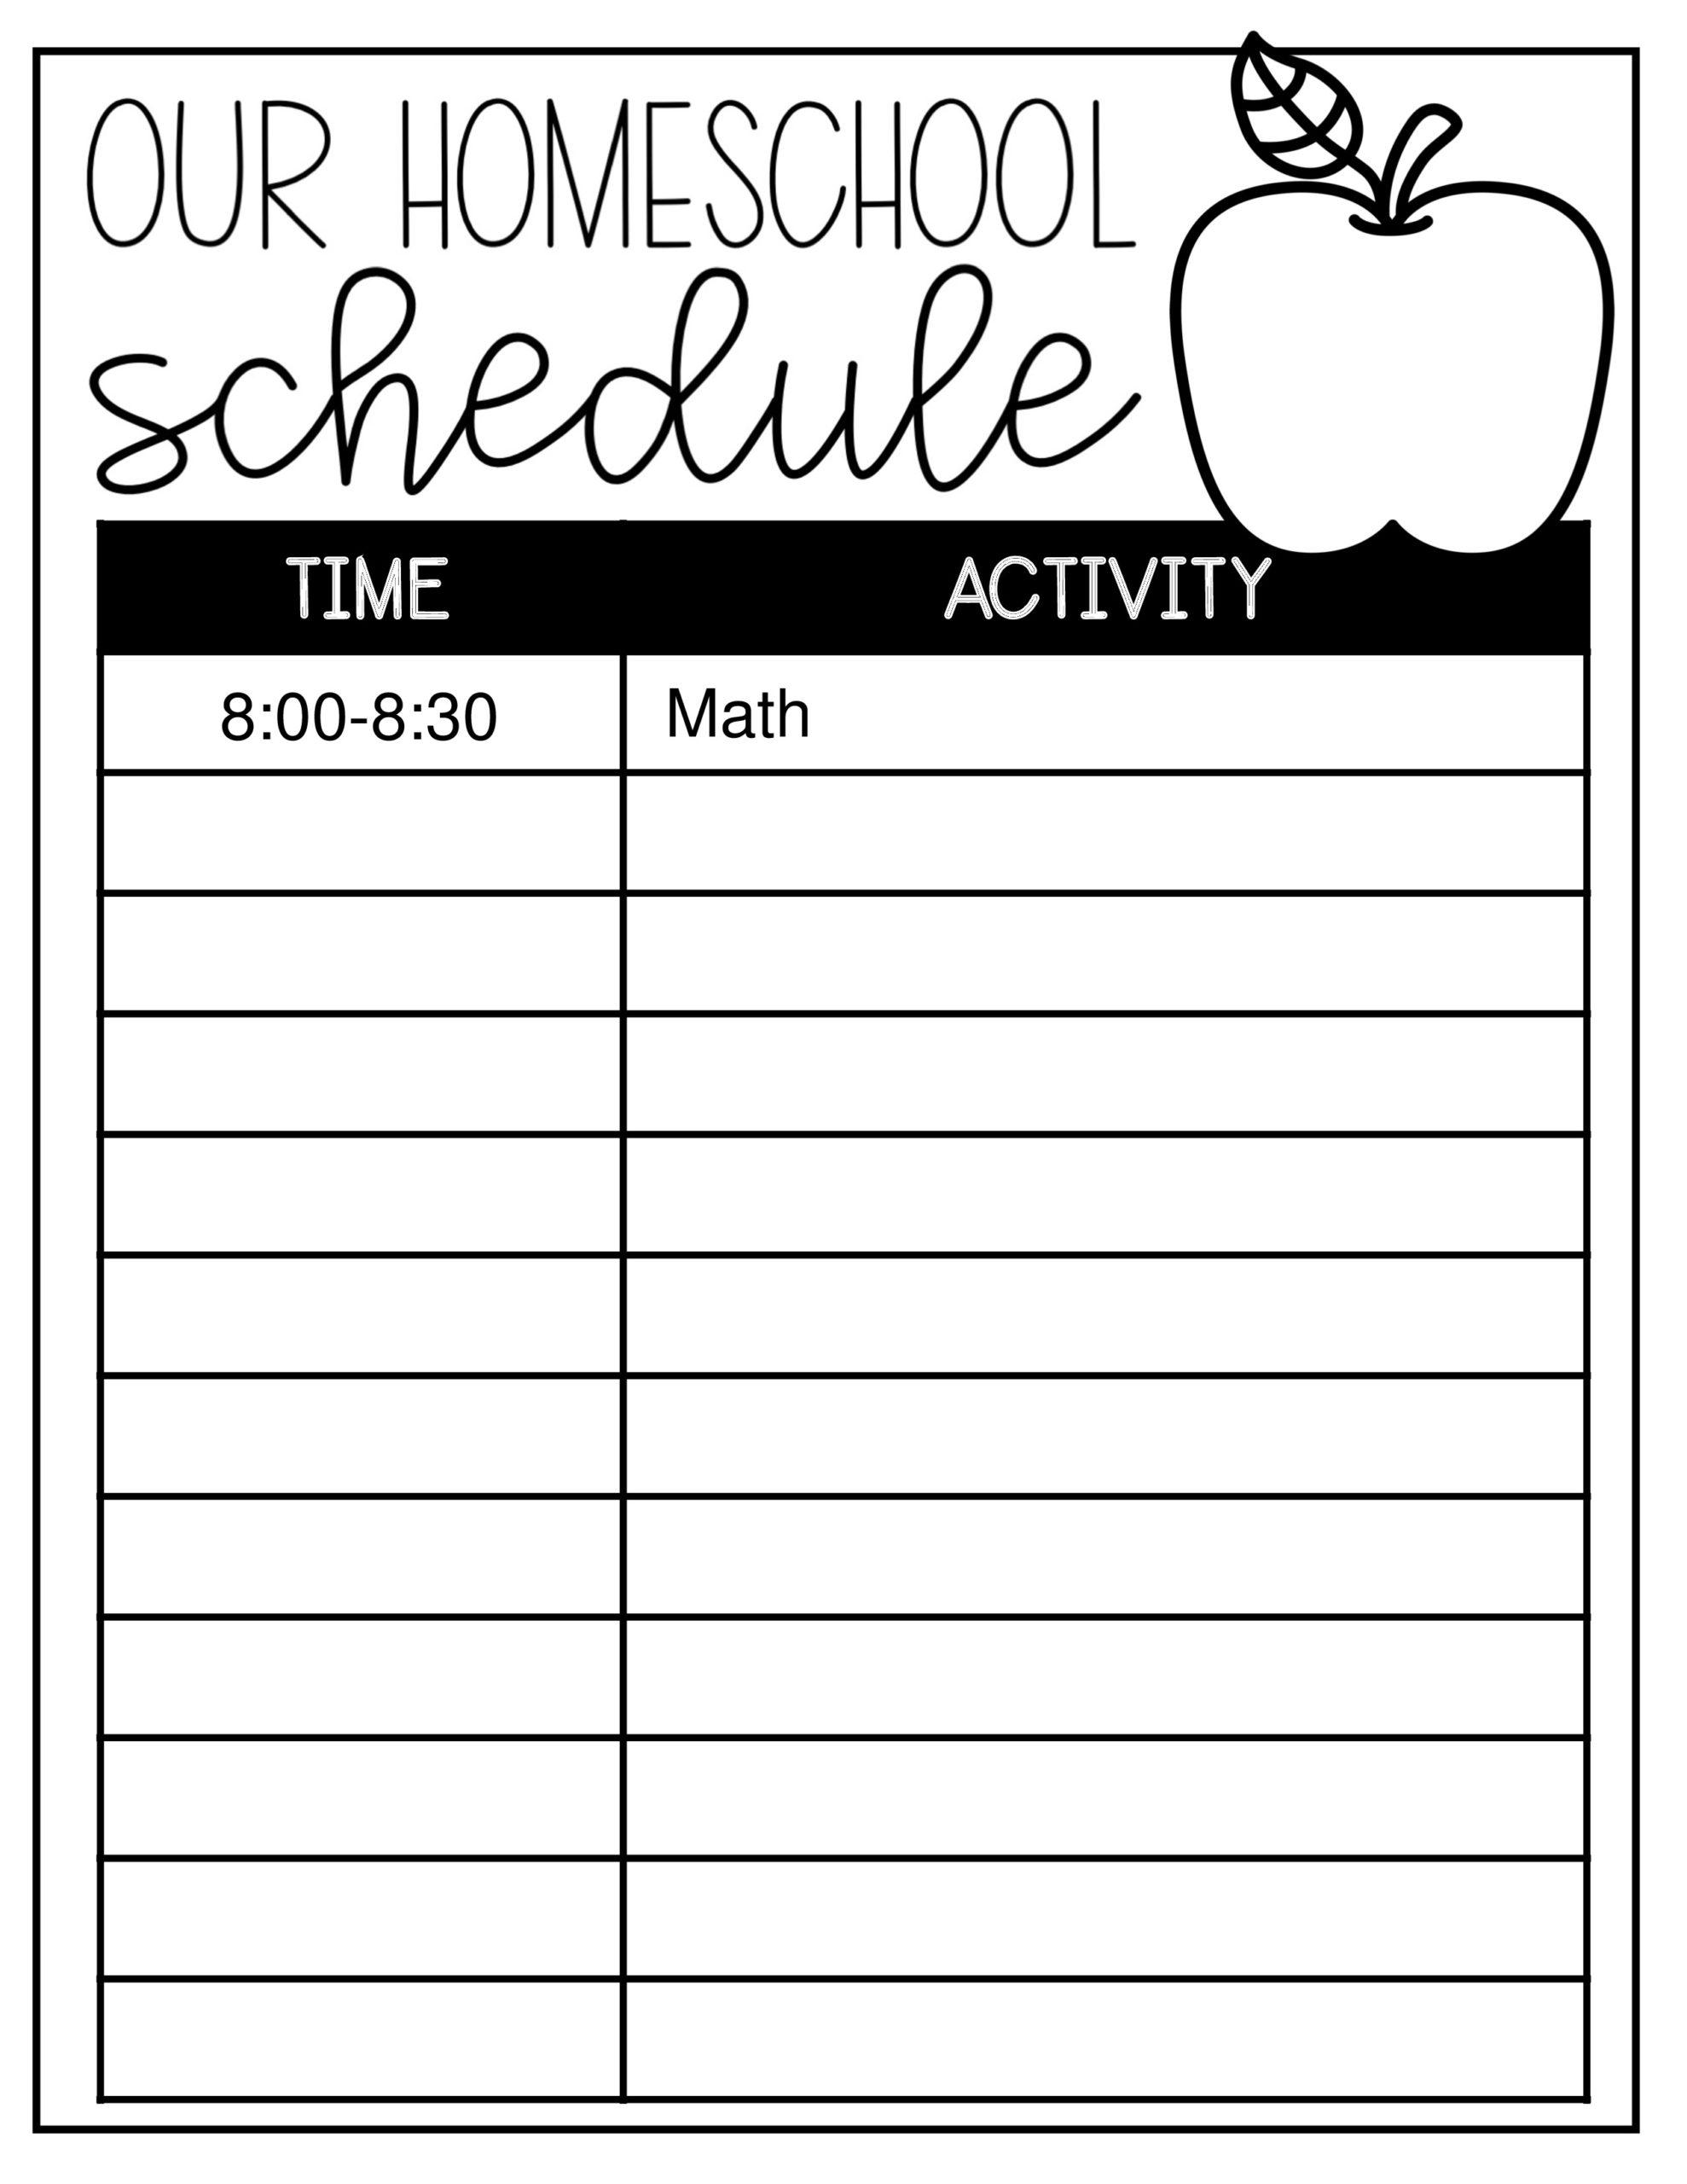 Free homeschool schedule template 18